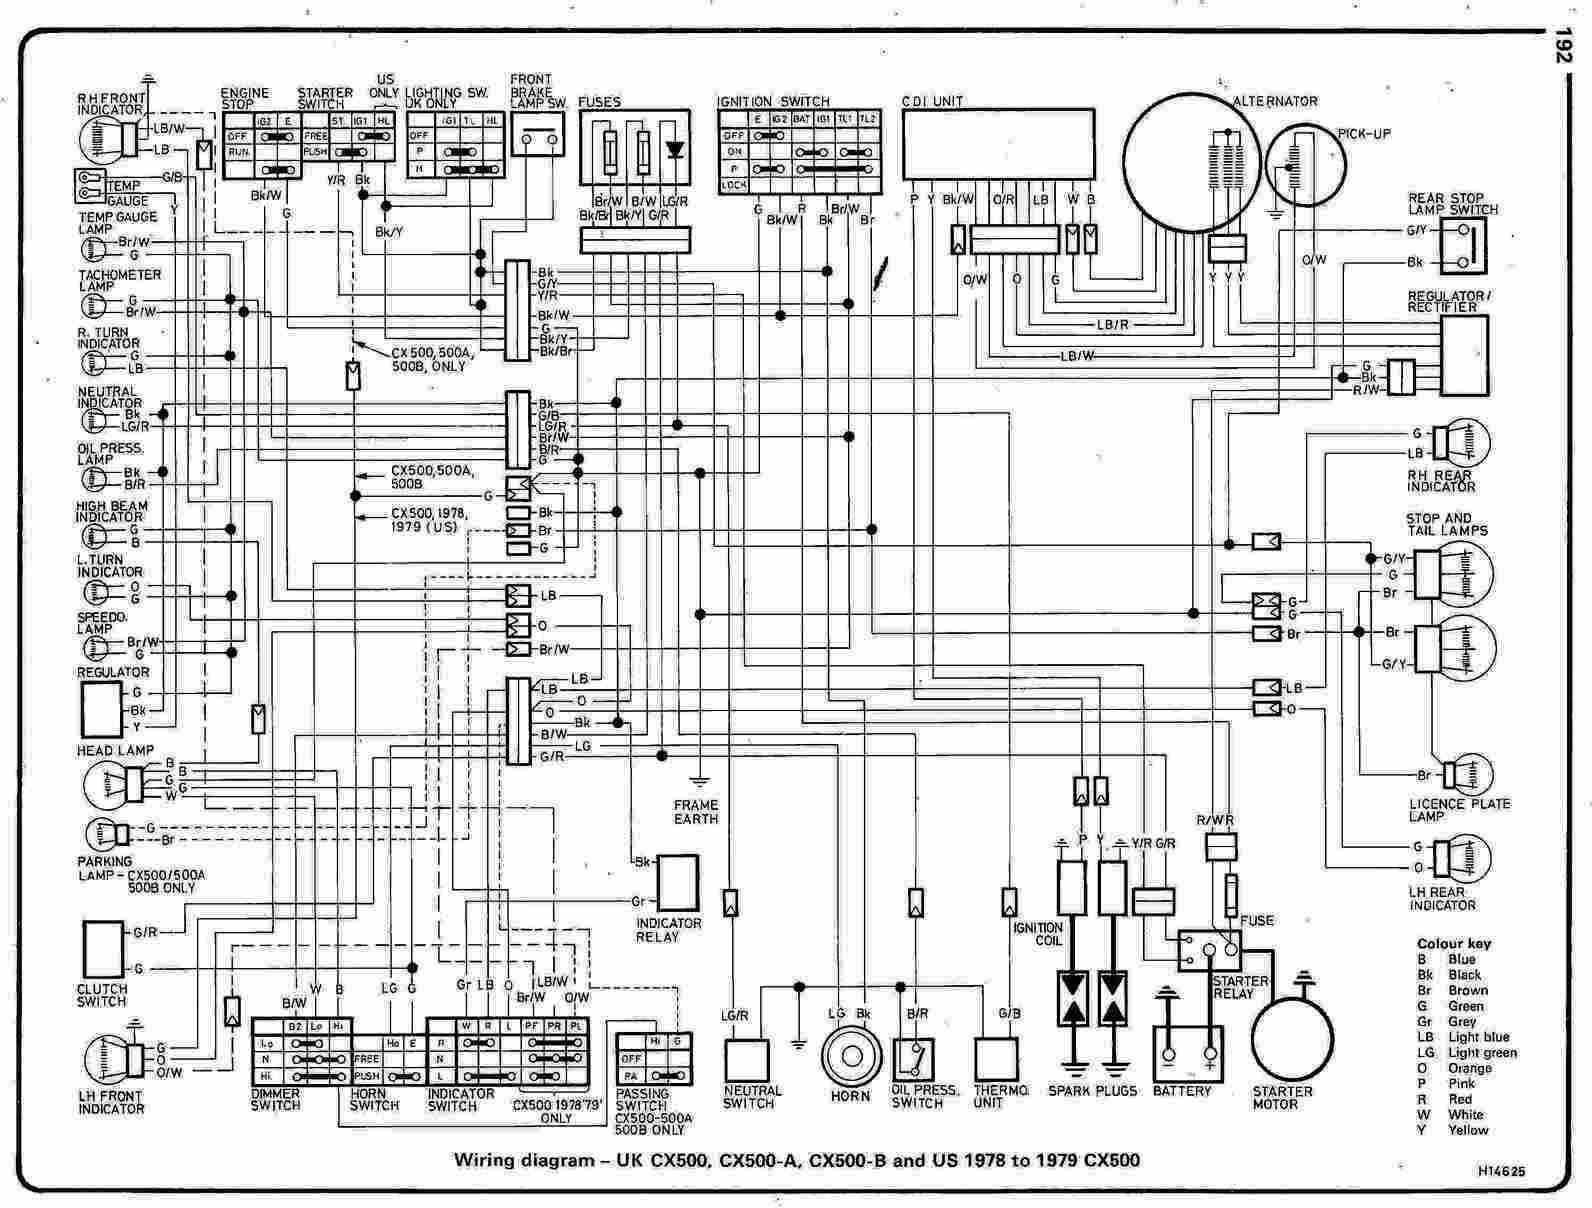 medium resolution of 1981 honda cx500 custom wiring diagram wiring diagram review 81 honda goldwing wiring diagram 81 honda wiring diagram